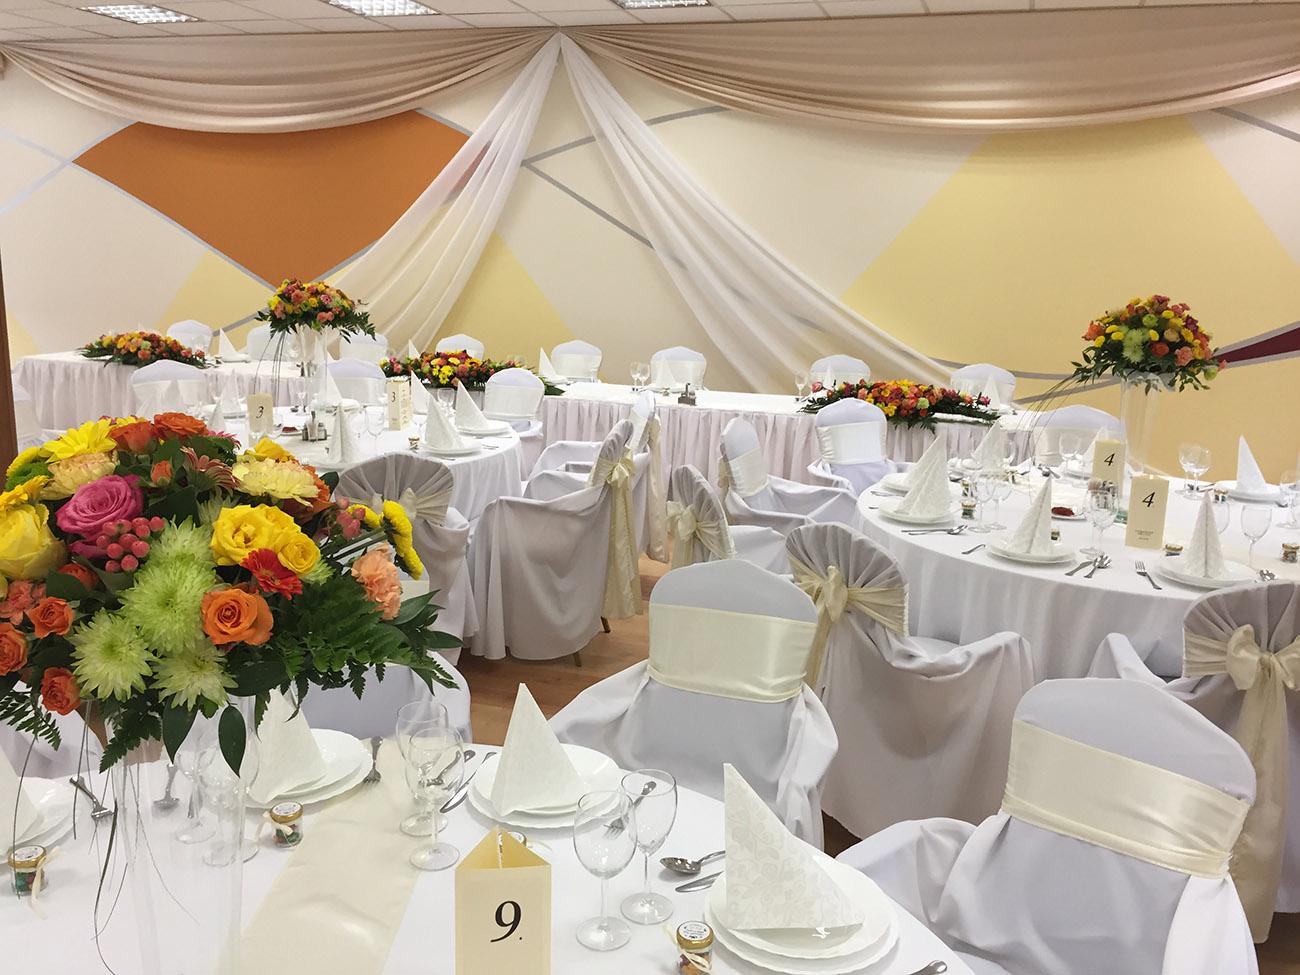 budapesti esküvői helyszín, Egy budapesti esküvői helyszín, ahol a te nagy napod is tökéletes lesz – Ünnepelj a Prémium Apartmanházban!